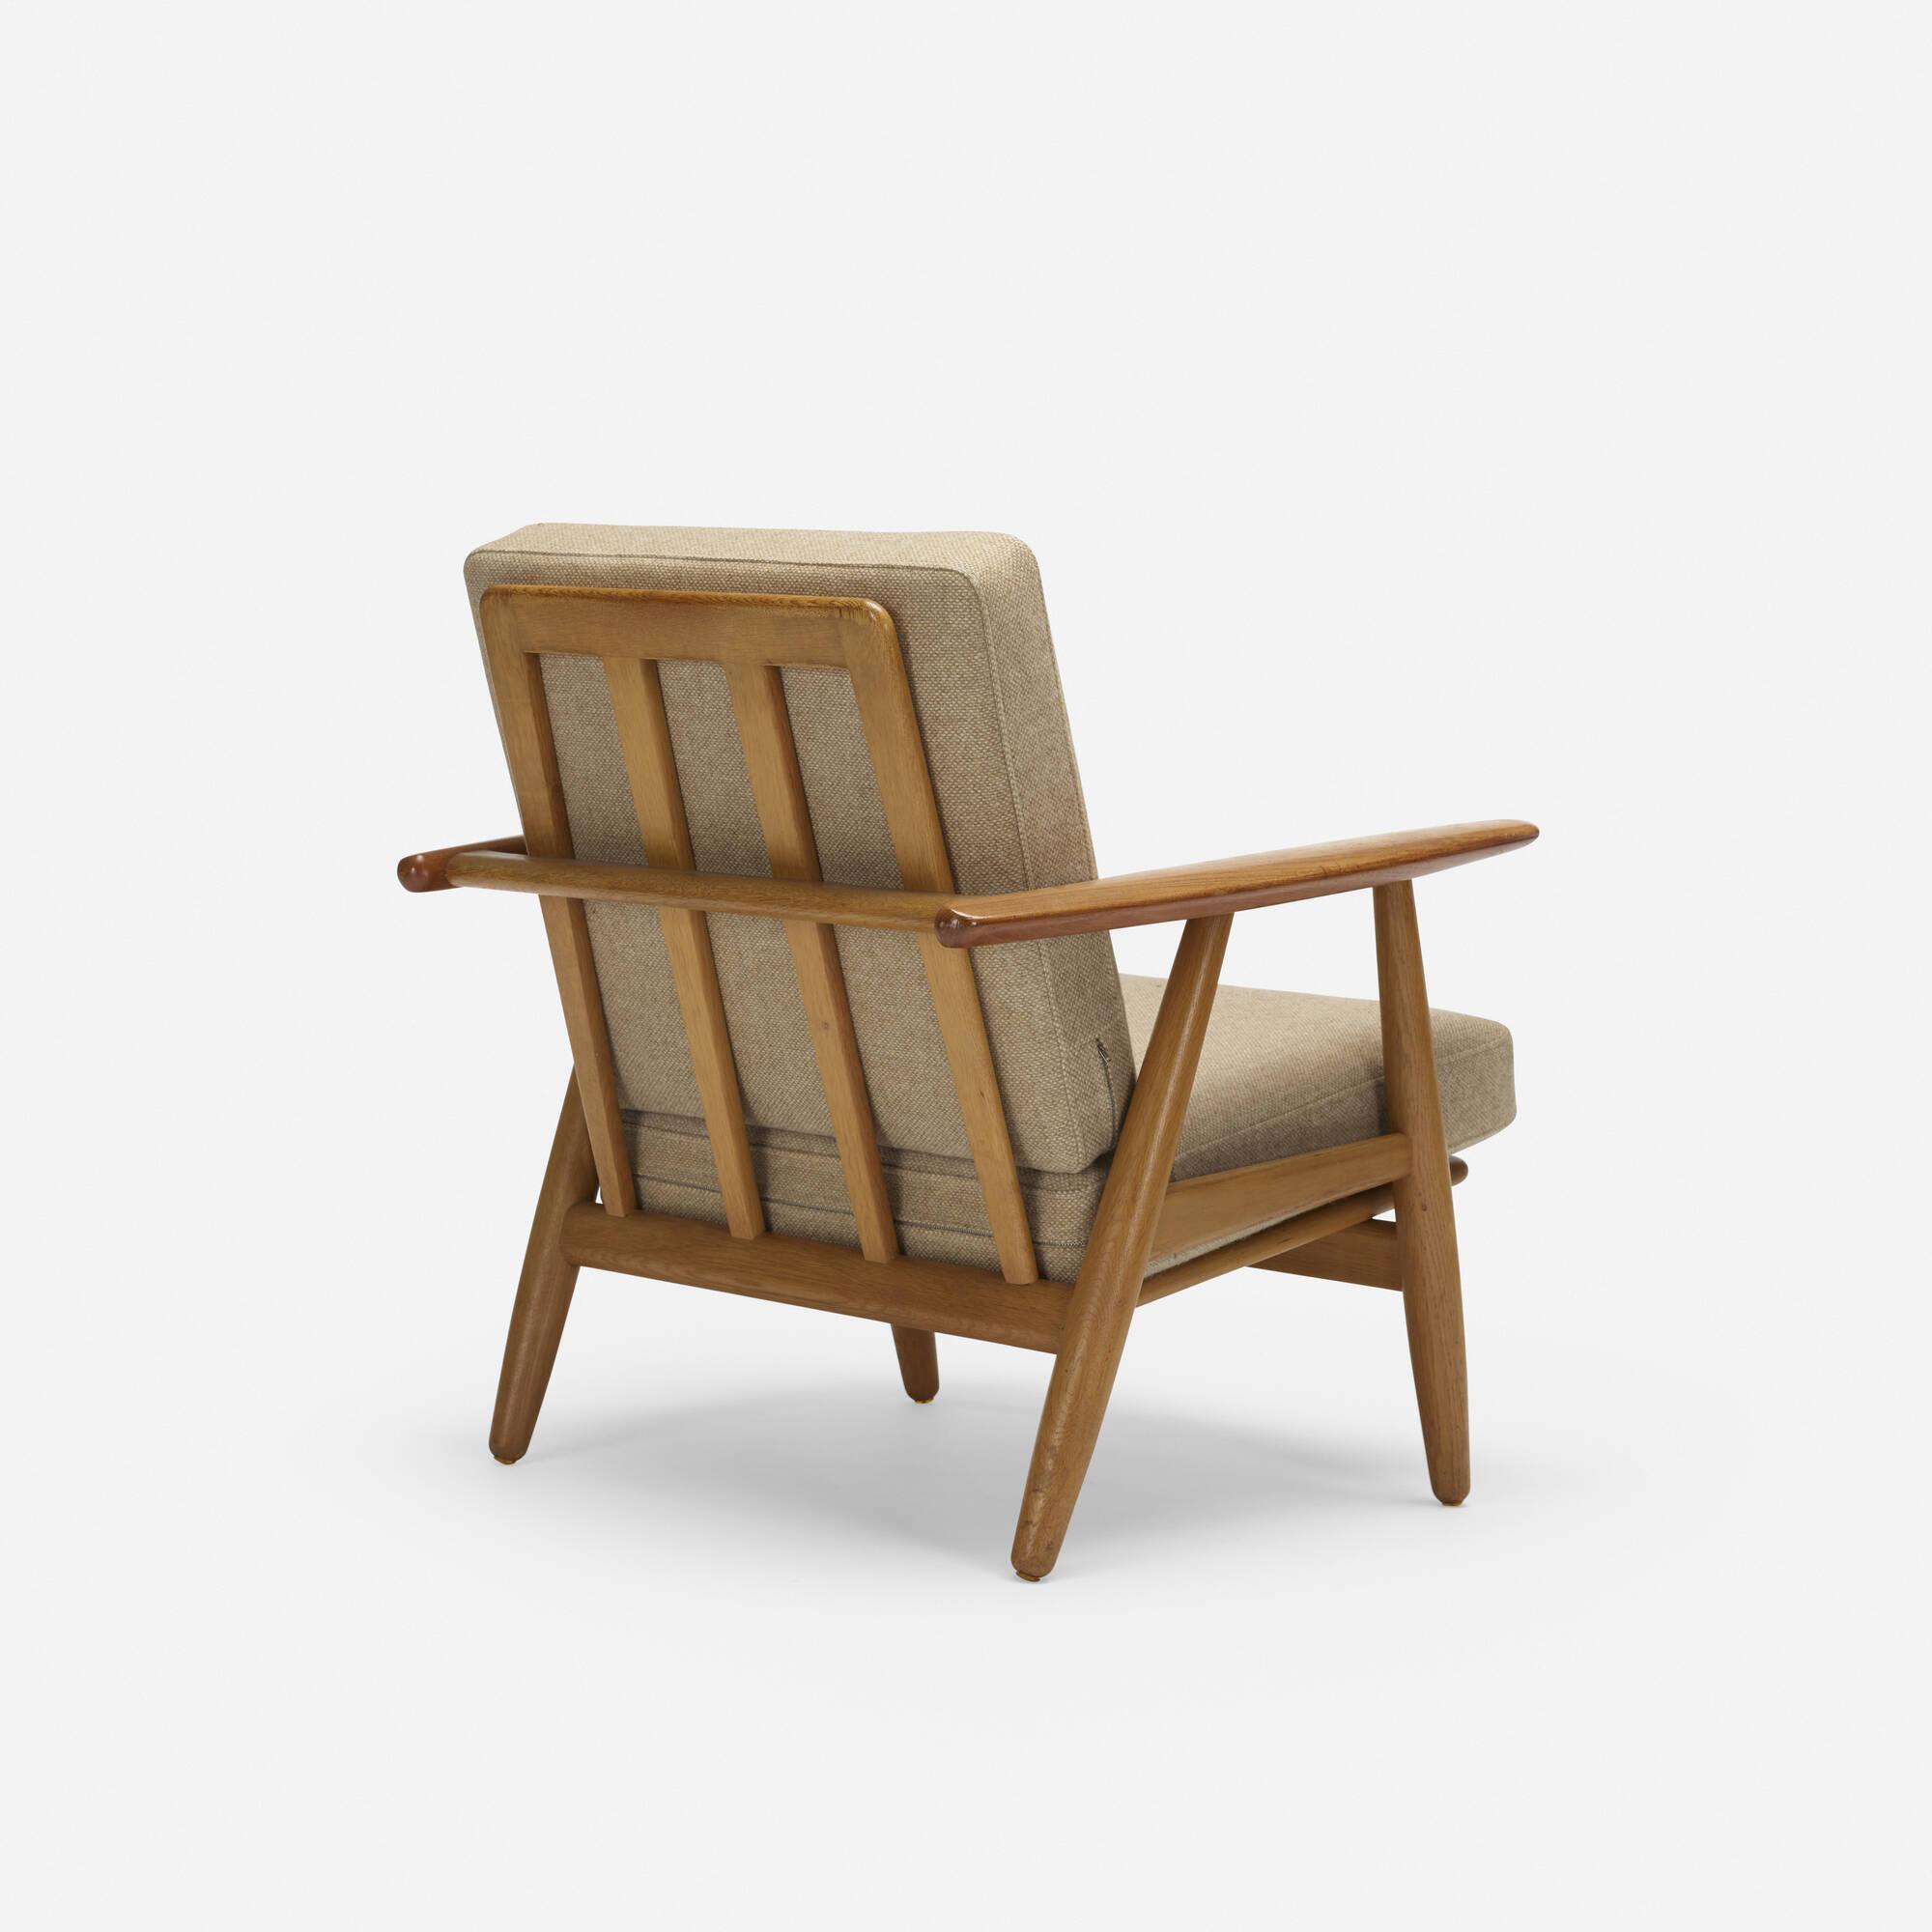 786: Hans J. Wegner / lounge chair, model GE240 (2 of 3)